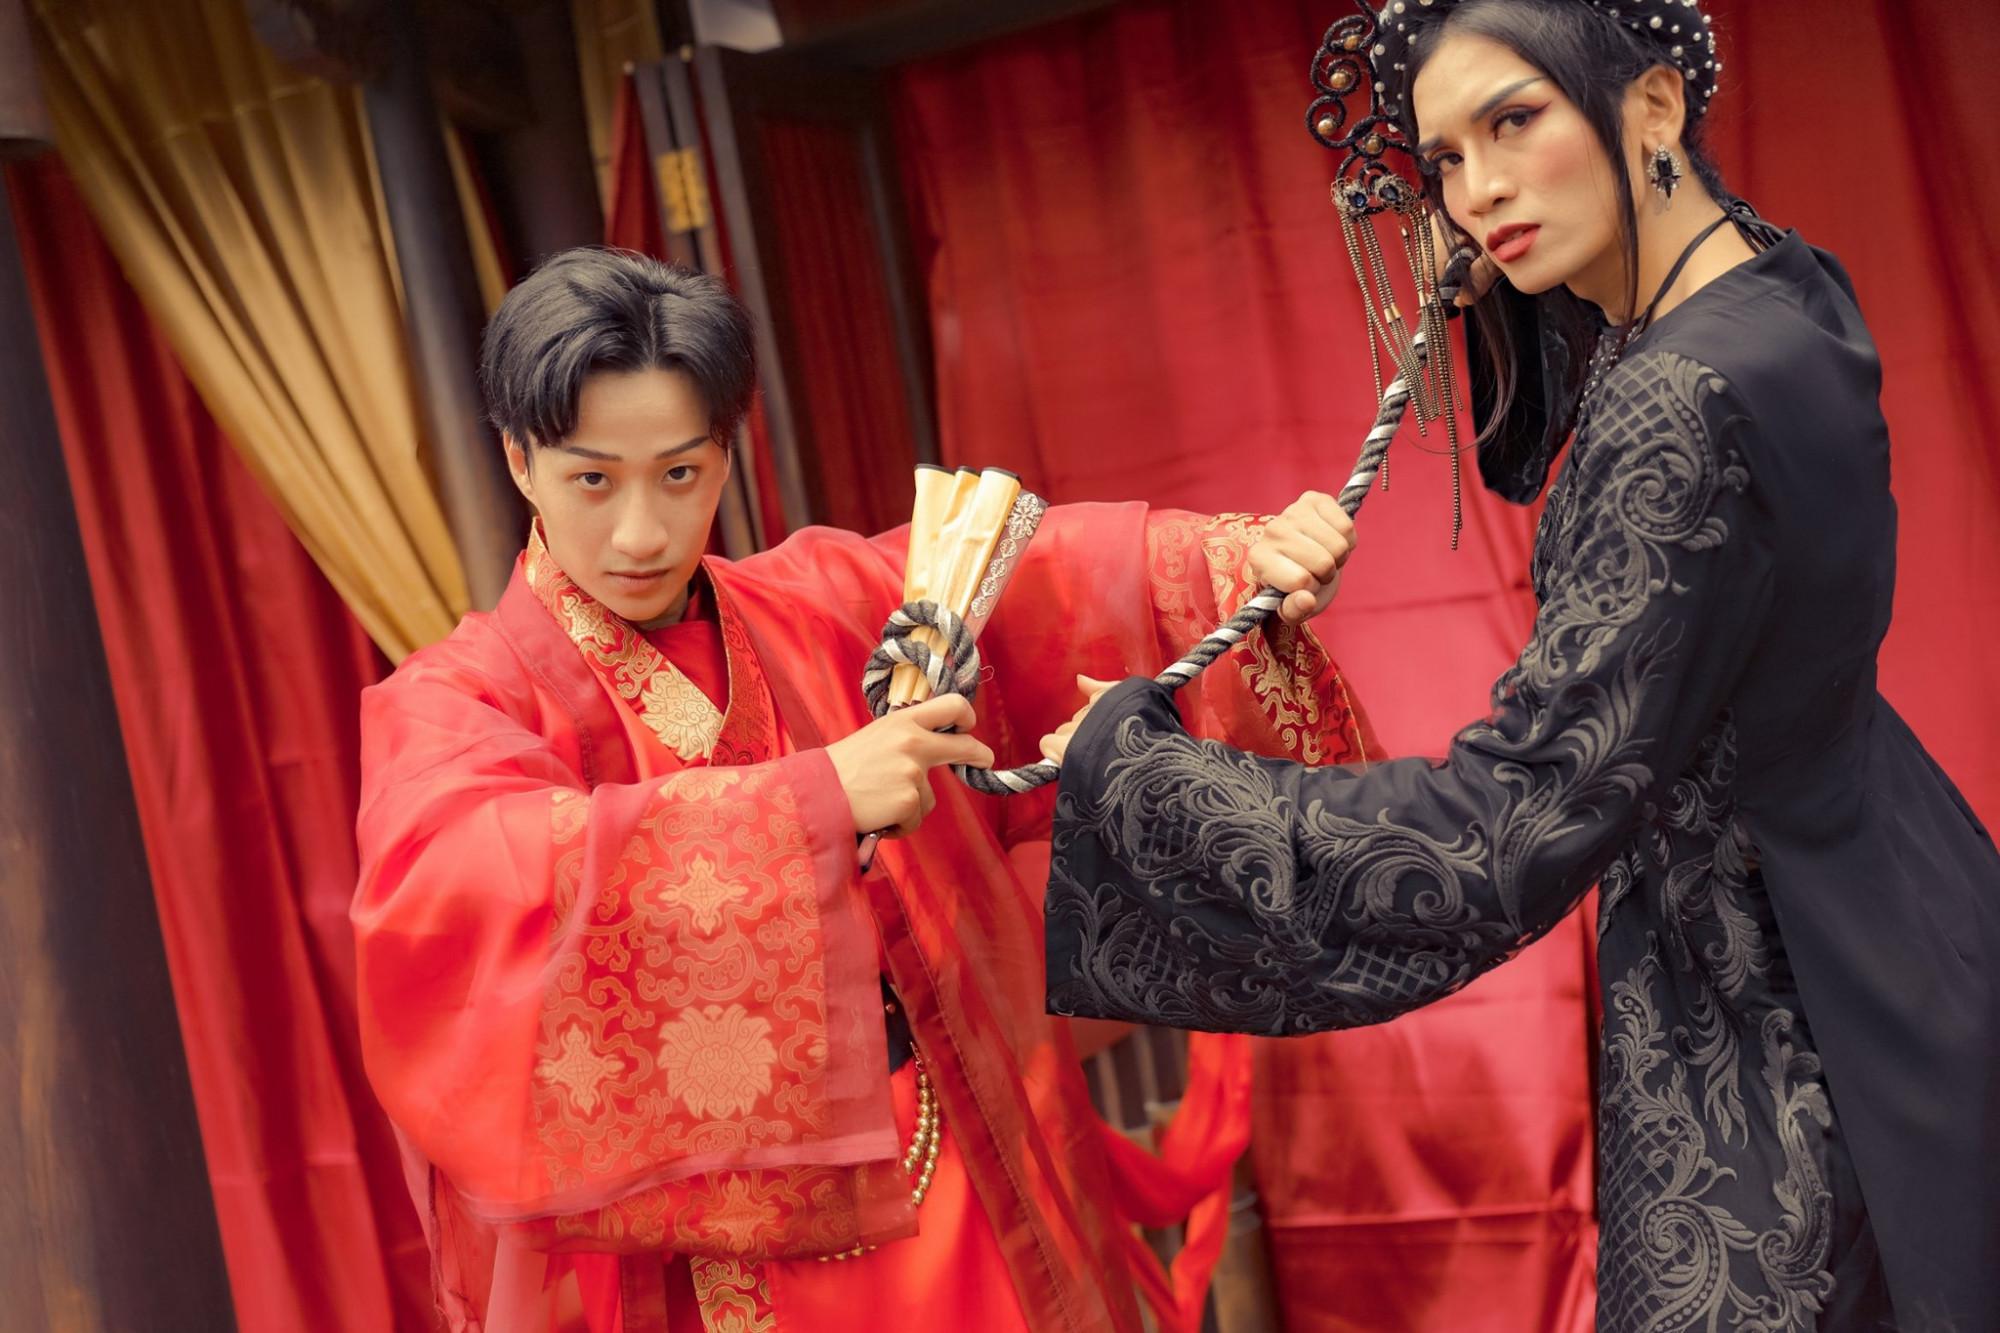 Adam Lâm và BB Trần hoá thân thành hai nhân vật mang màu sắc cổ trang trong phim chiếu mạng mới.